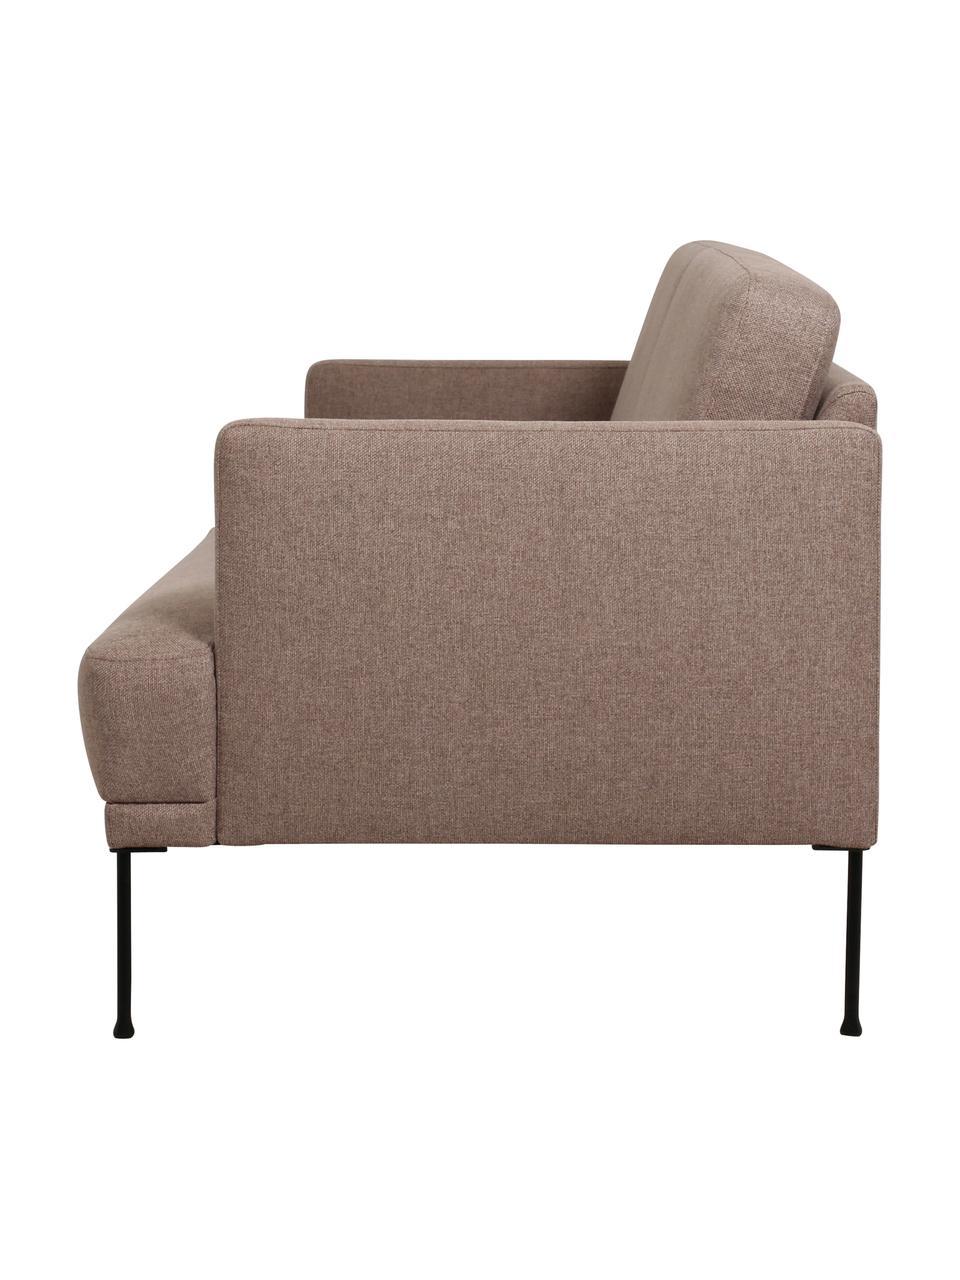 Sofa Fluente (3-Sitzer) in Braun mit Metall-Füßen, Bezug: 100% Polyester 115.000 Sc, Gestell: Massives Kiefernholz, Füße: Metall, pulverbeschichtet, Webstoff Braun, B 196 x T 85 cm